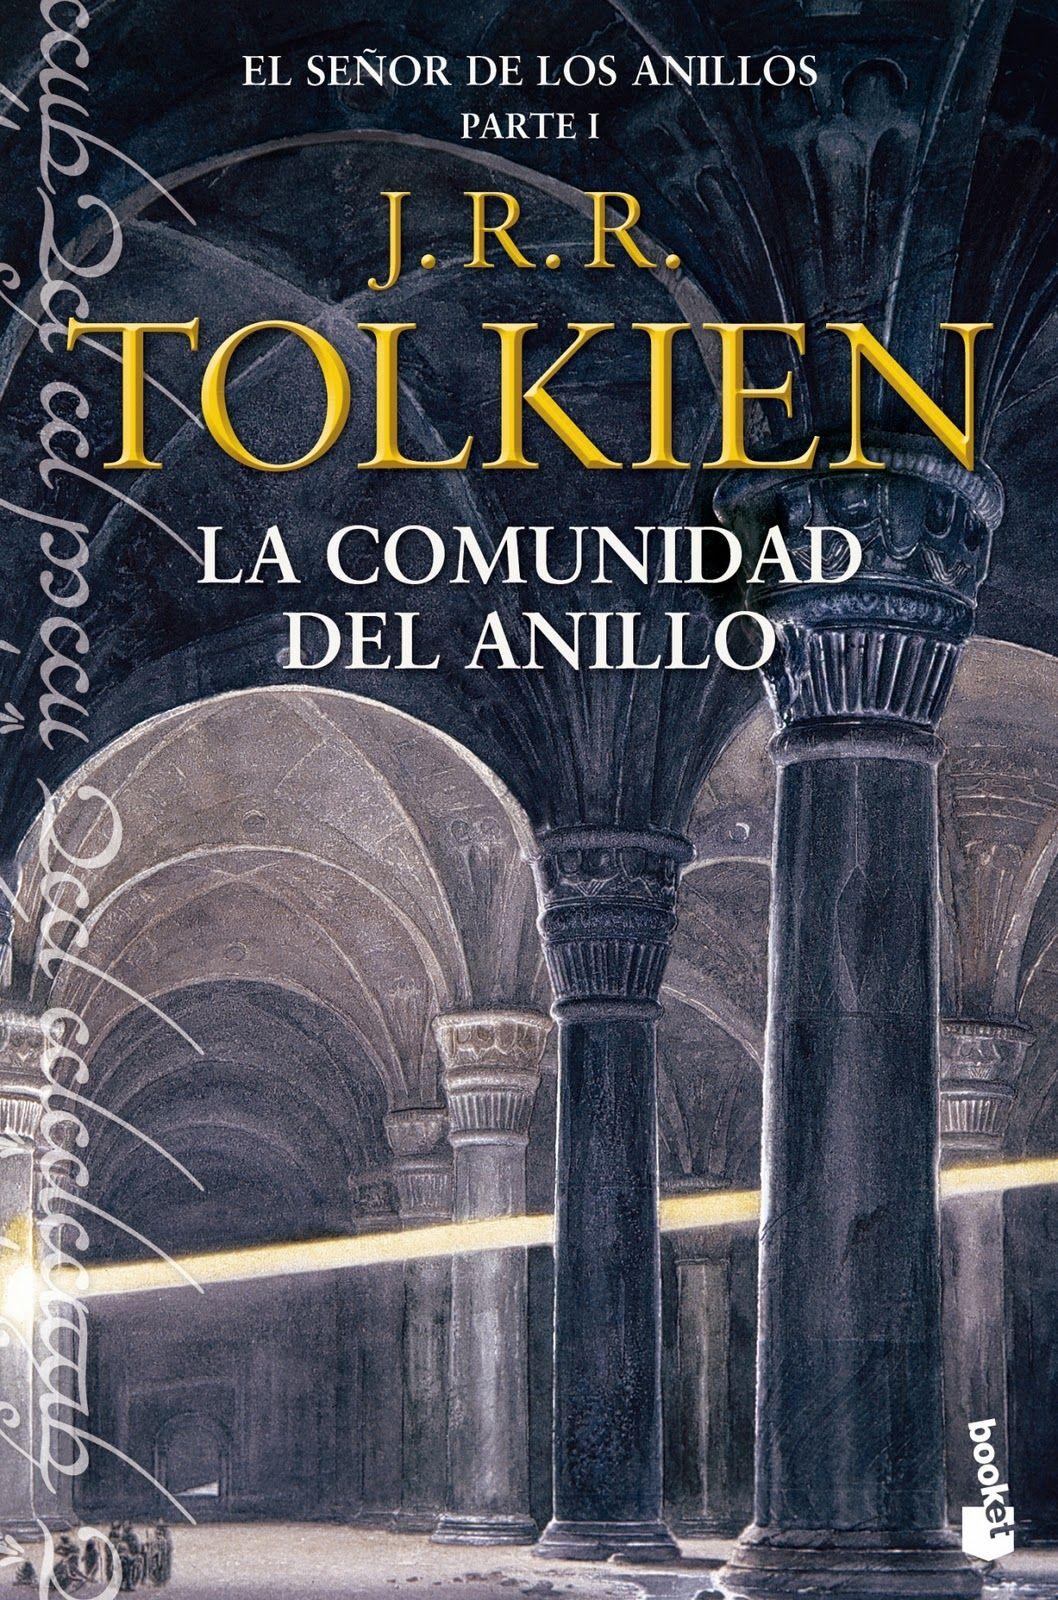 El Señor de los Anillos, Parte I, La Comunidad del Anillo por J.R.R. Tolkien